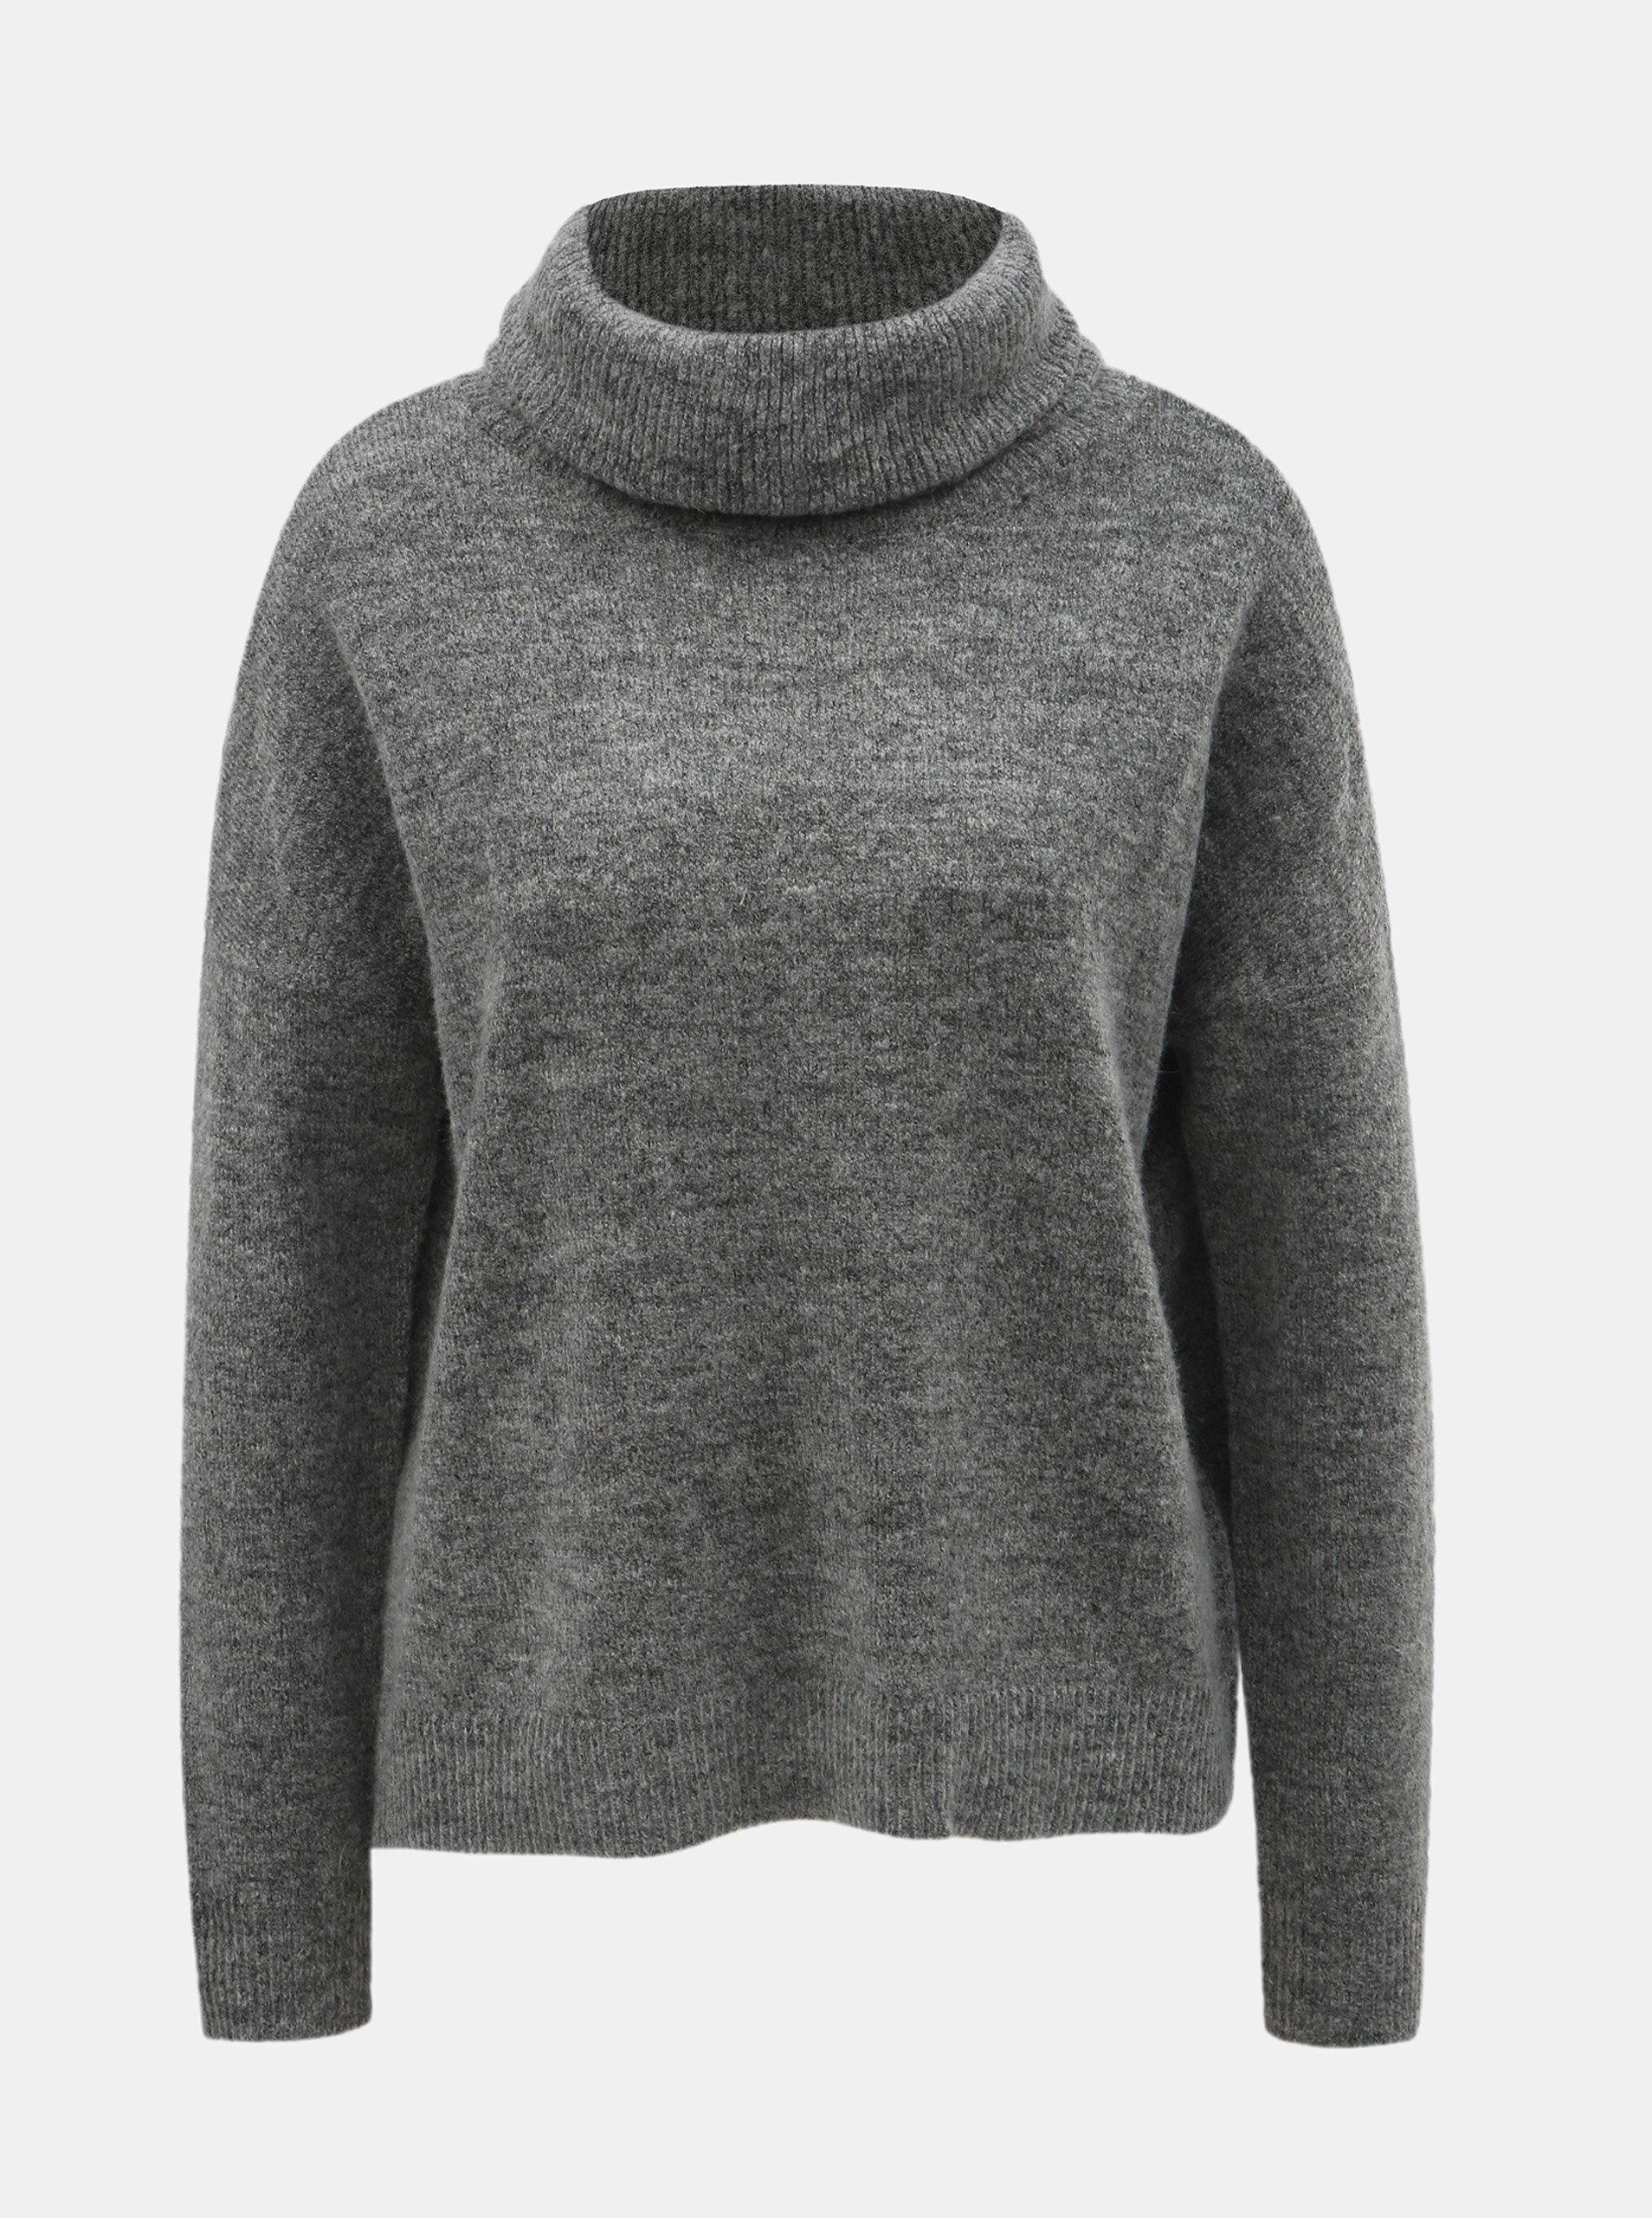 5578d35350 Šedý žíhaný svetr s rolákem s příměsí vlny ONLY Meredith